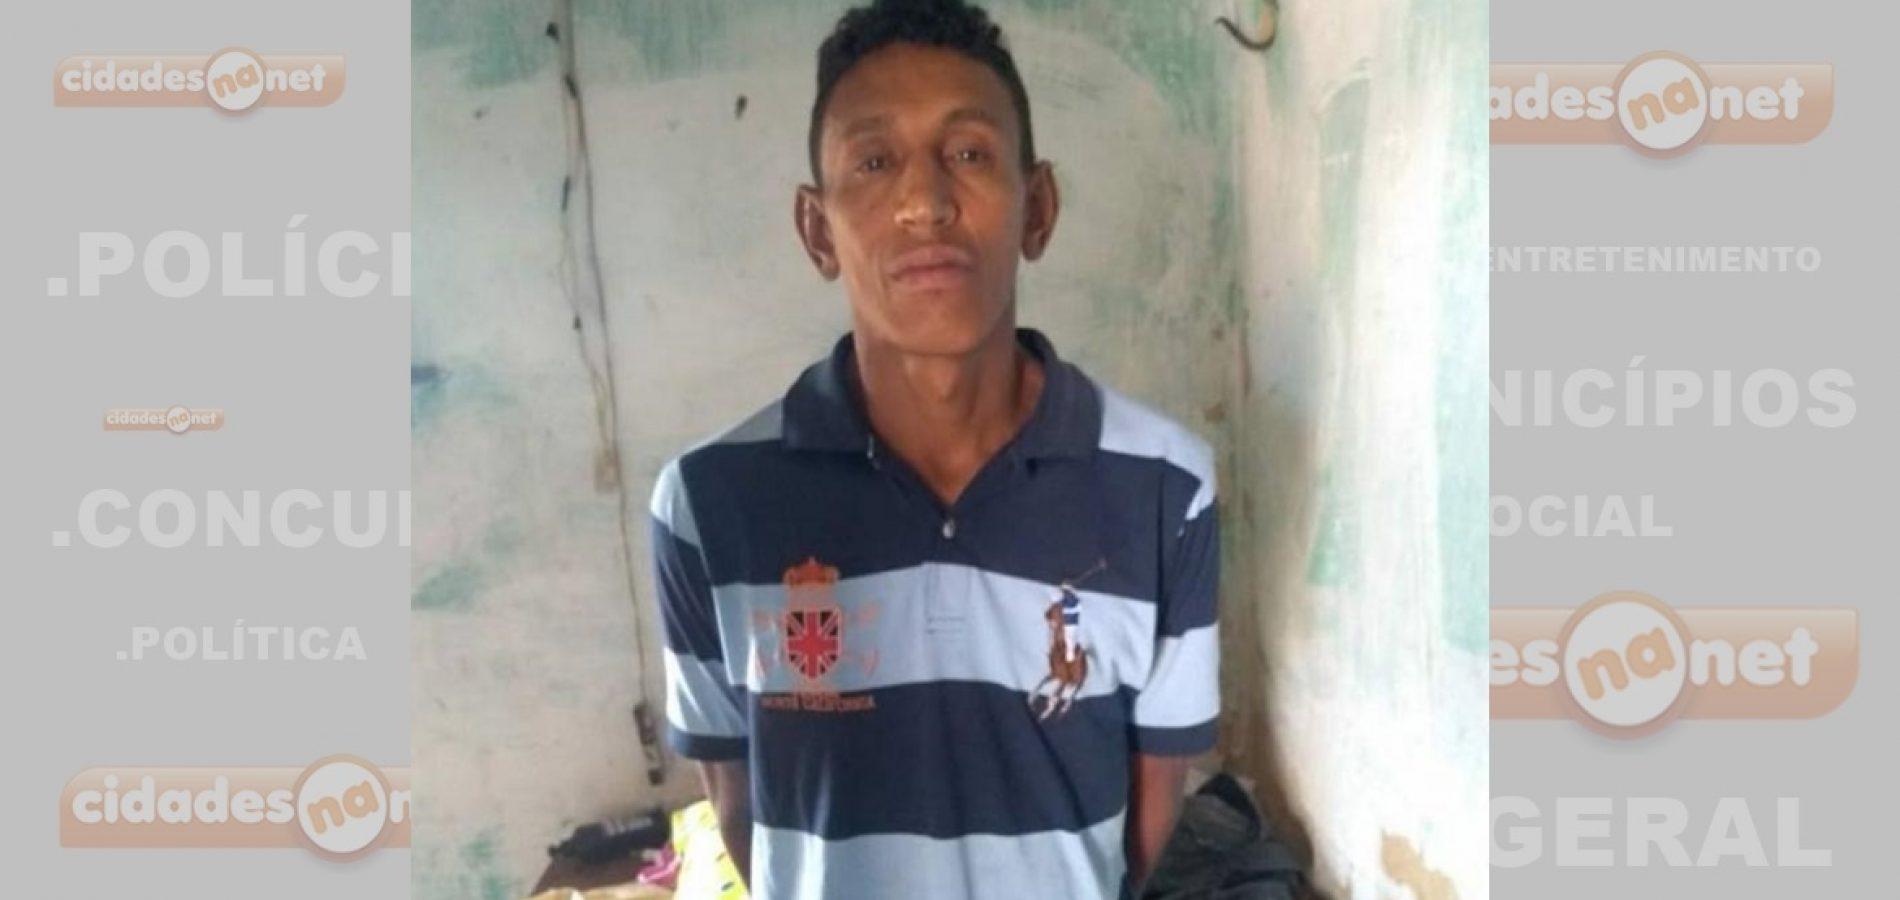 Cinco dias após ser flagrado pela PM com revólver, homem volta a ser preso dessa vez acusado de assalto em Picos